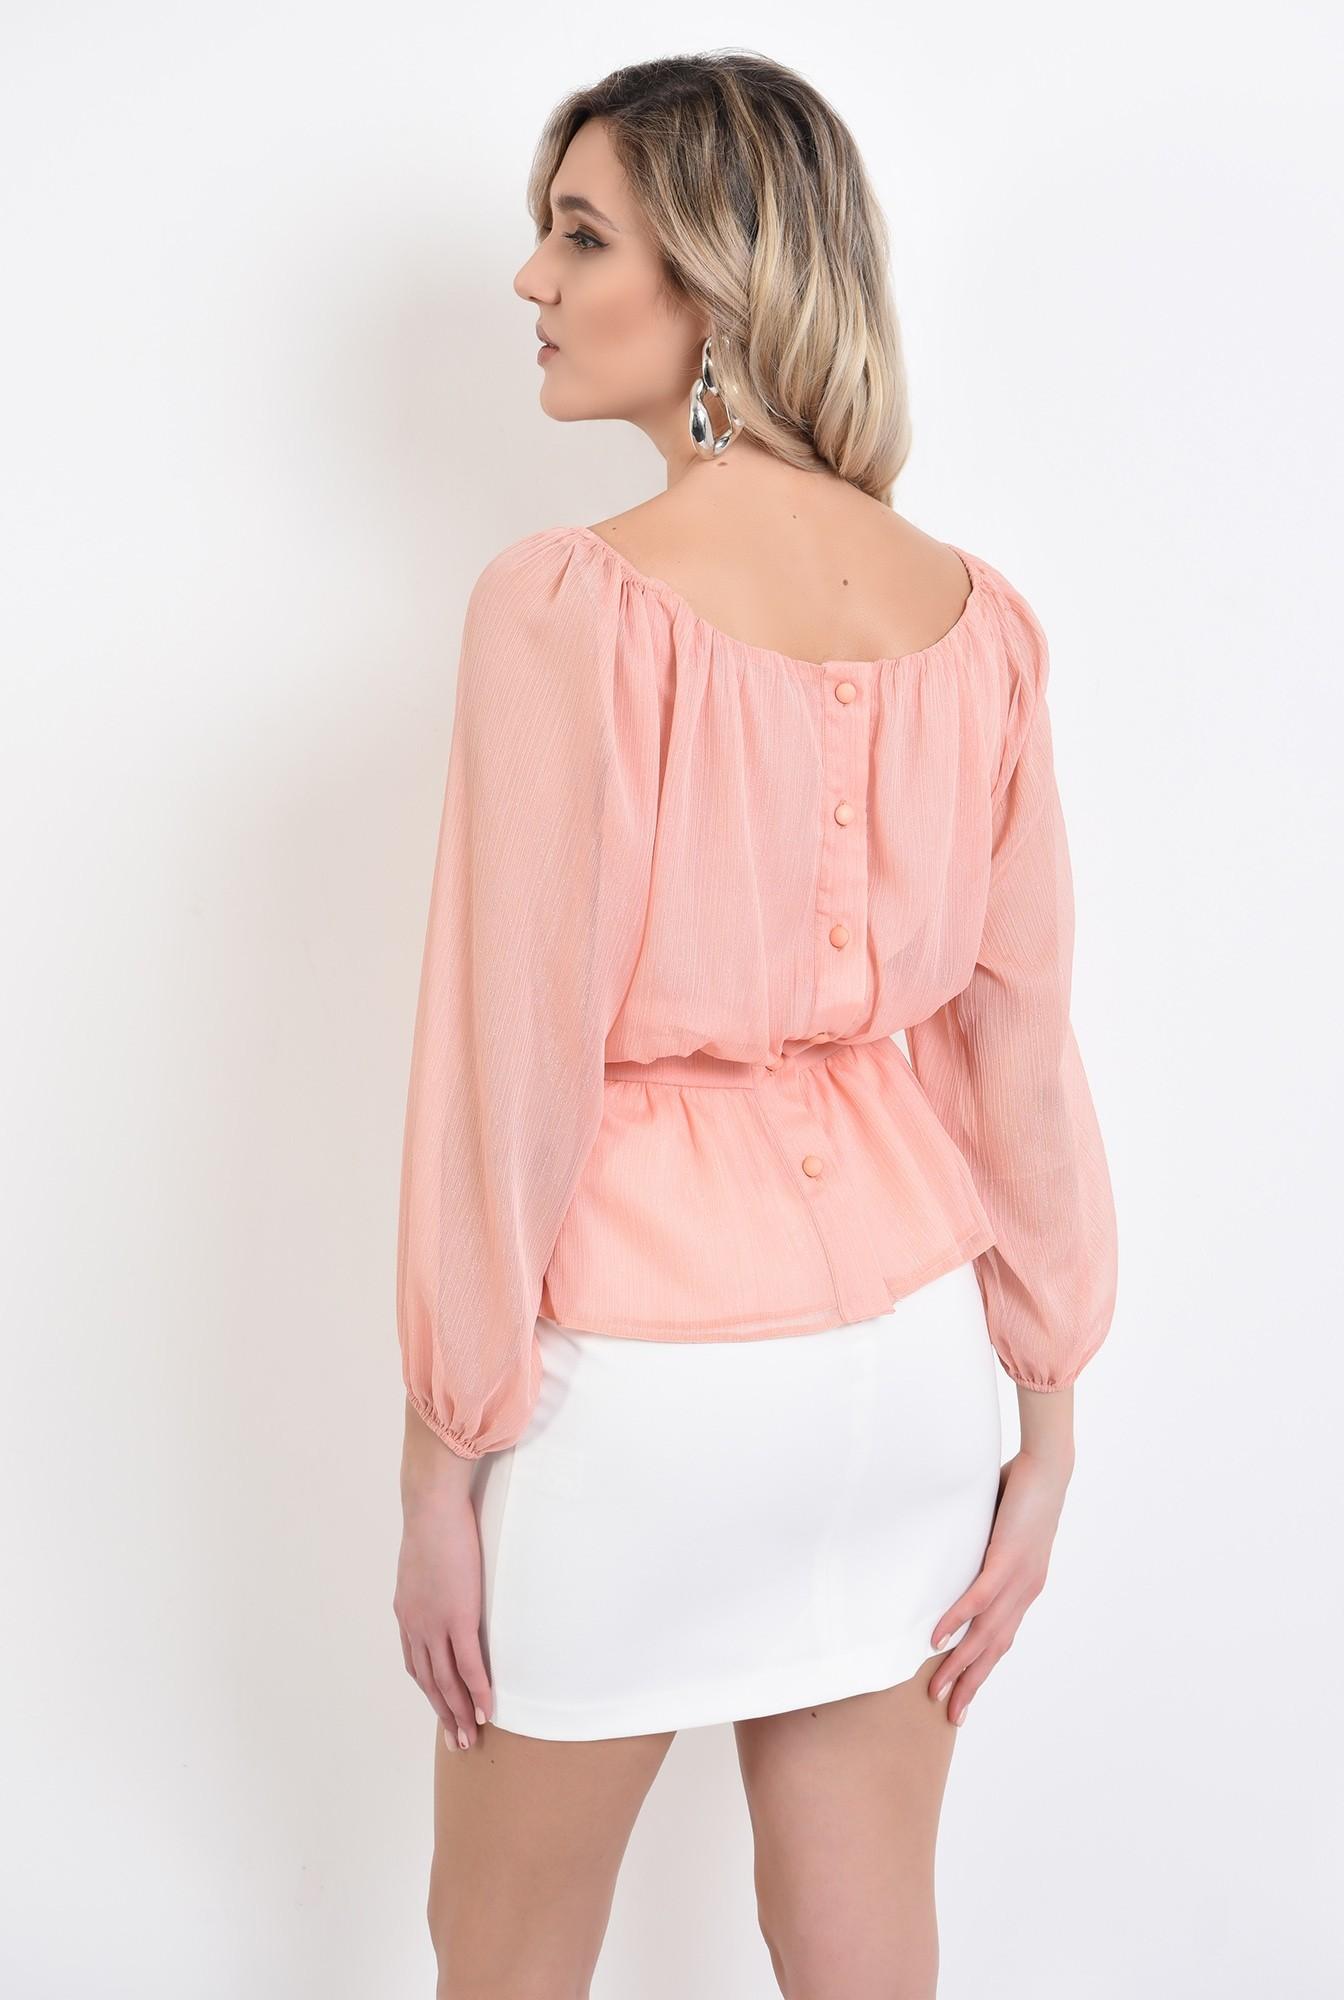 1 - bluza de ocazie, peach, maneca midi, cu peplum, nasturi la spate